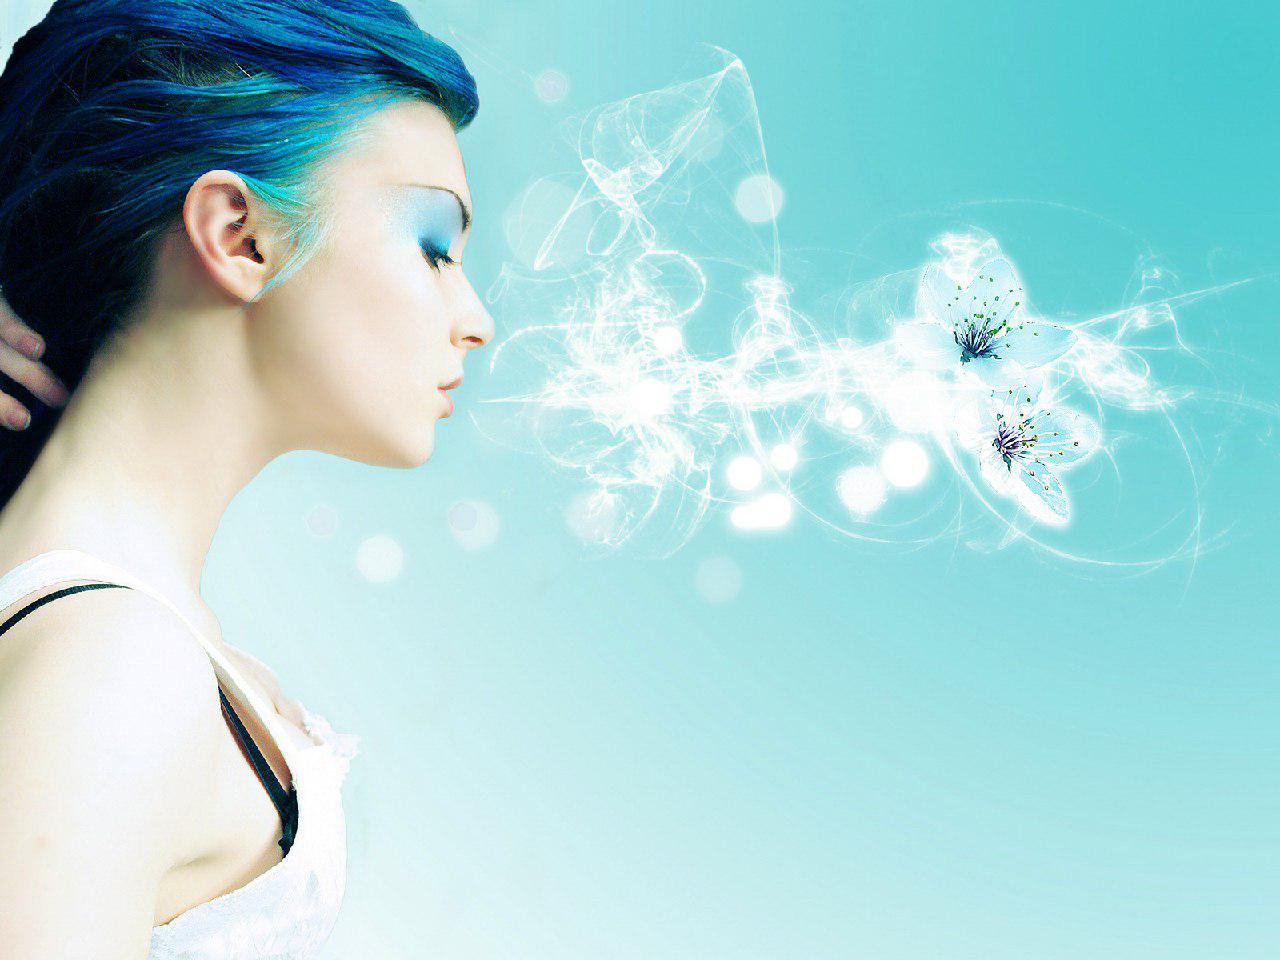 importanza della respirazione consapevole